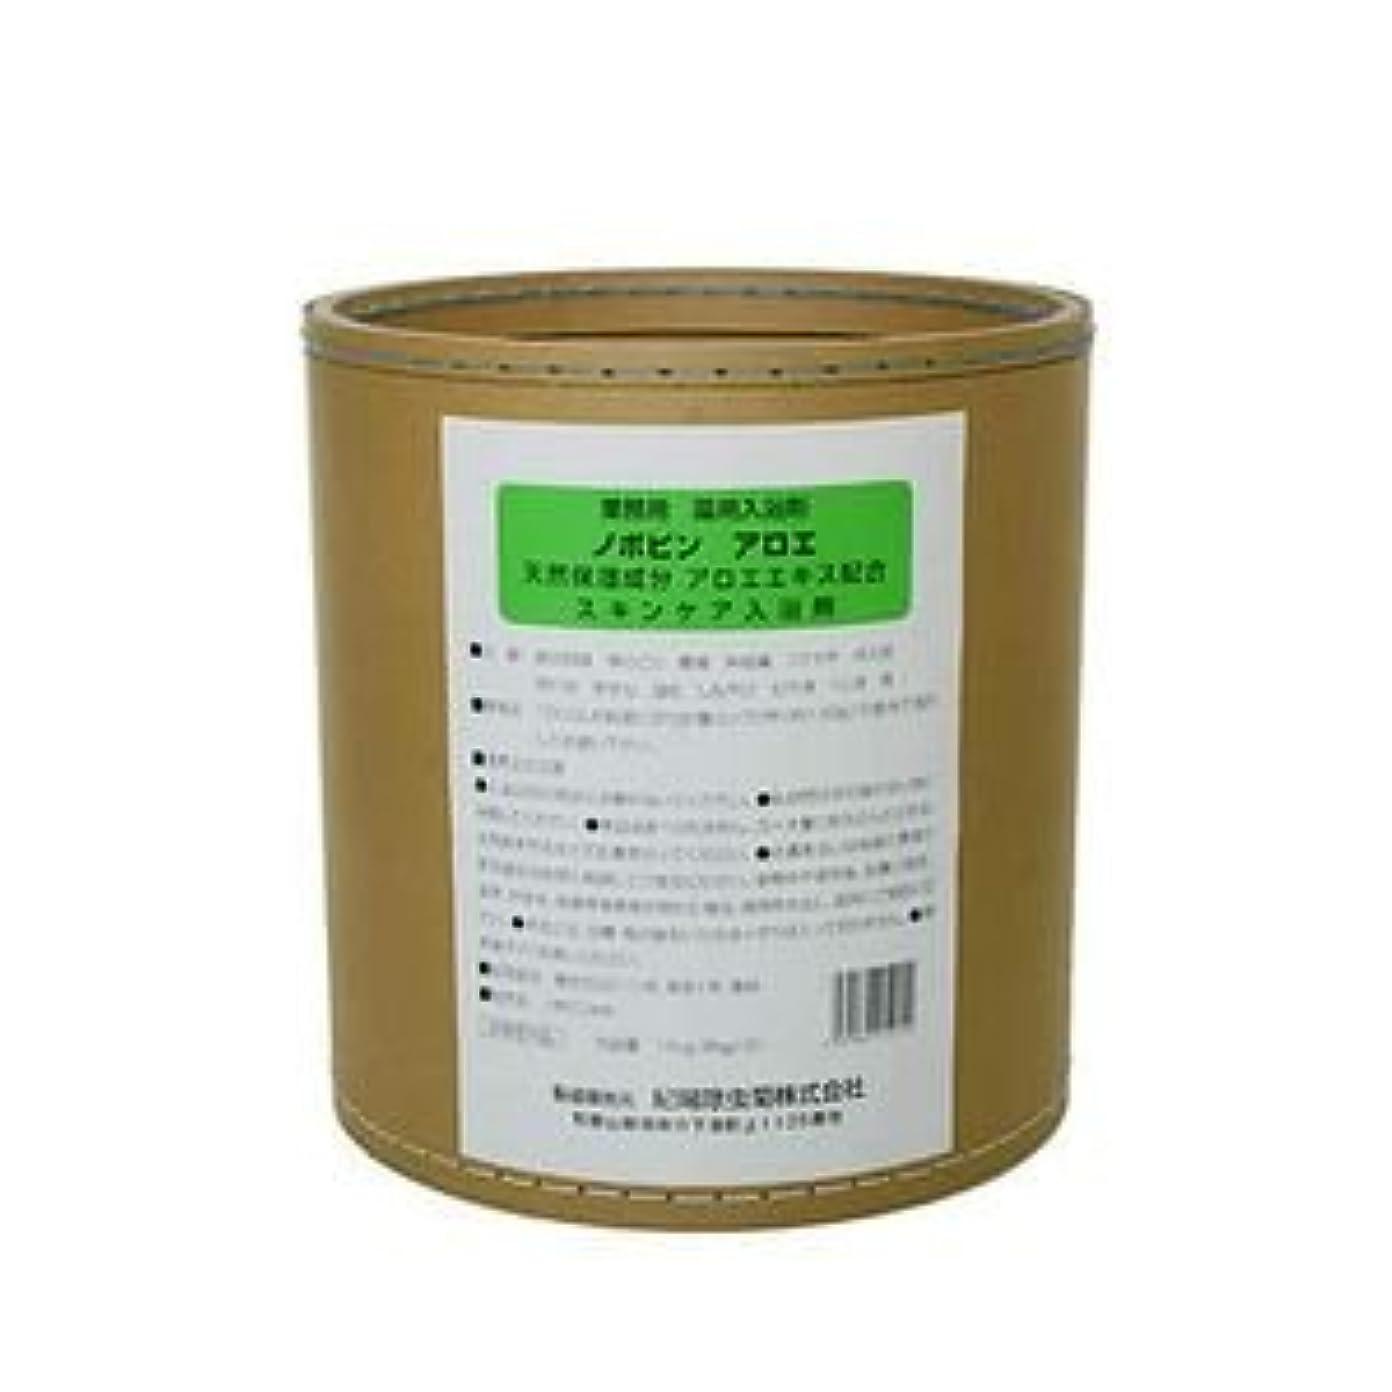 ニックネーム人形リフレッシュ業務用 バス 入浴剤 ノボピン アロエ 16kg(8kg+2)